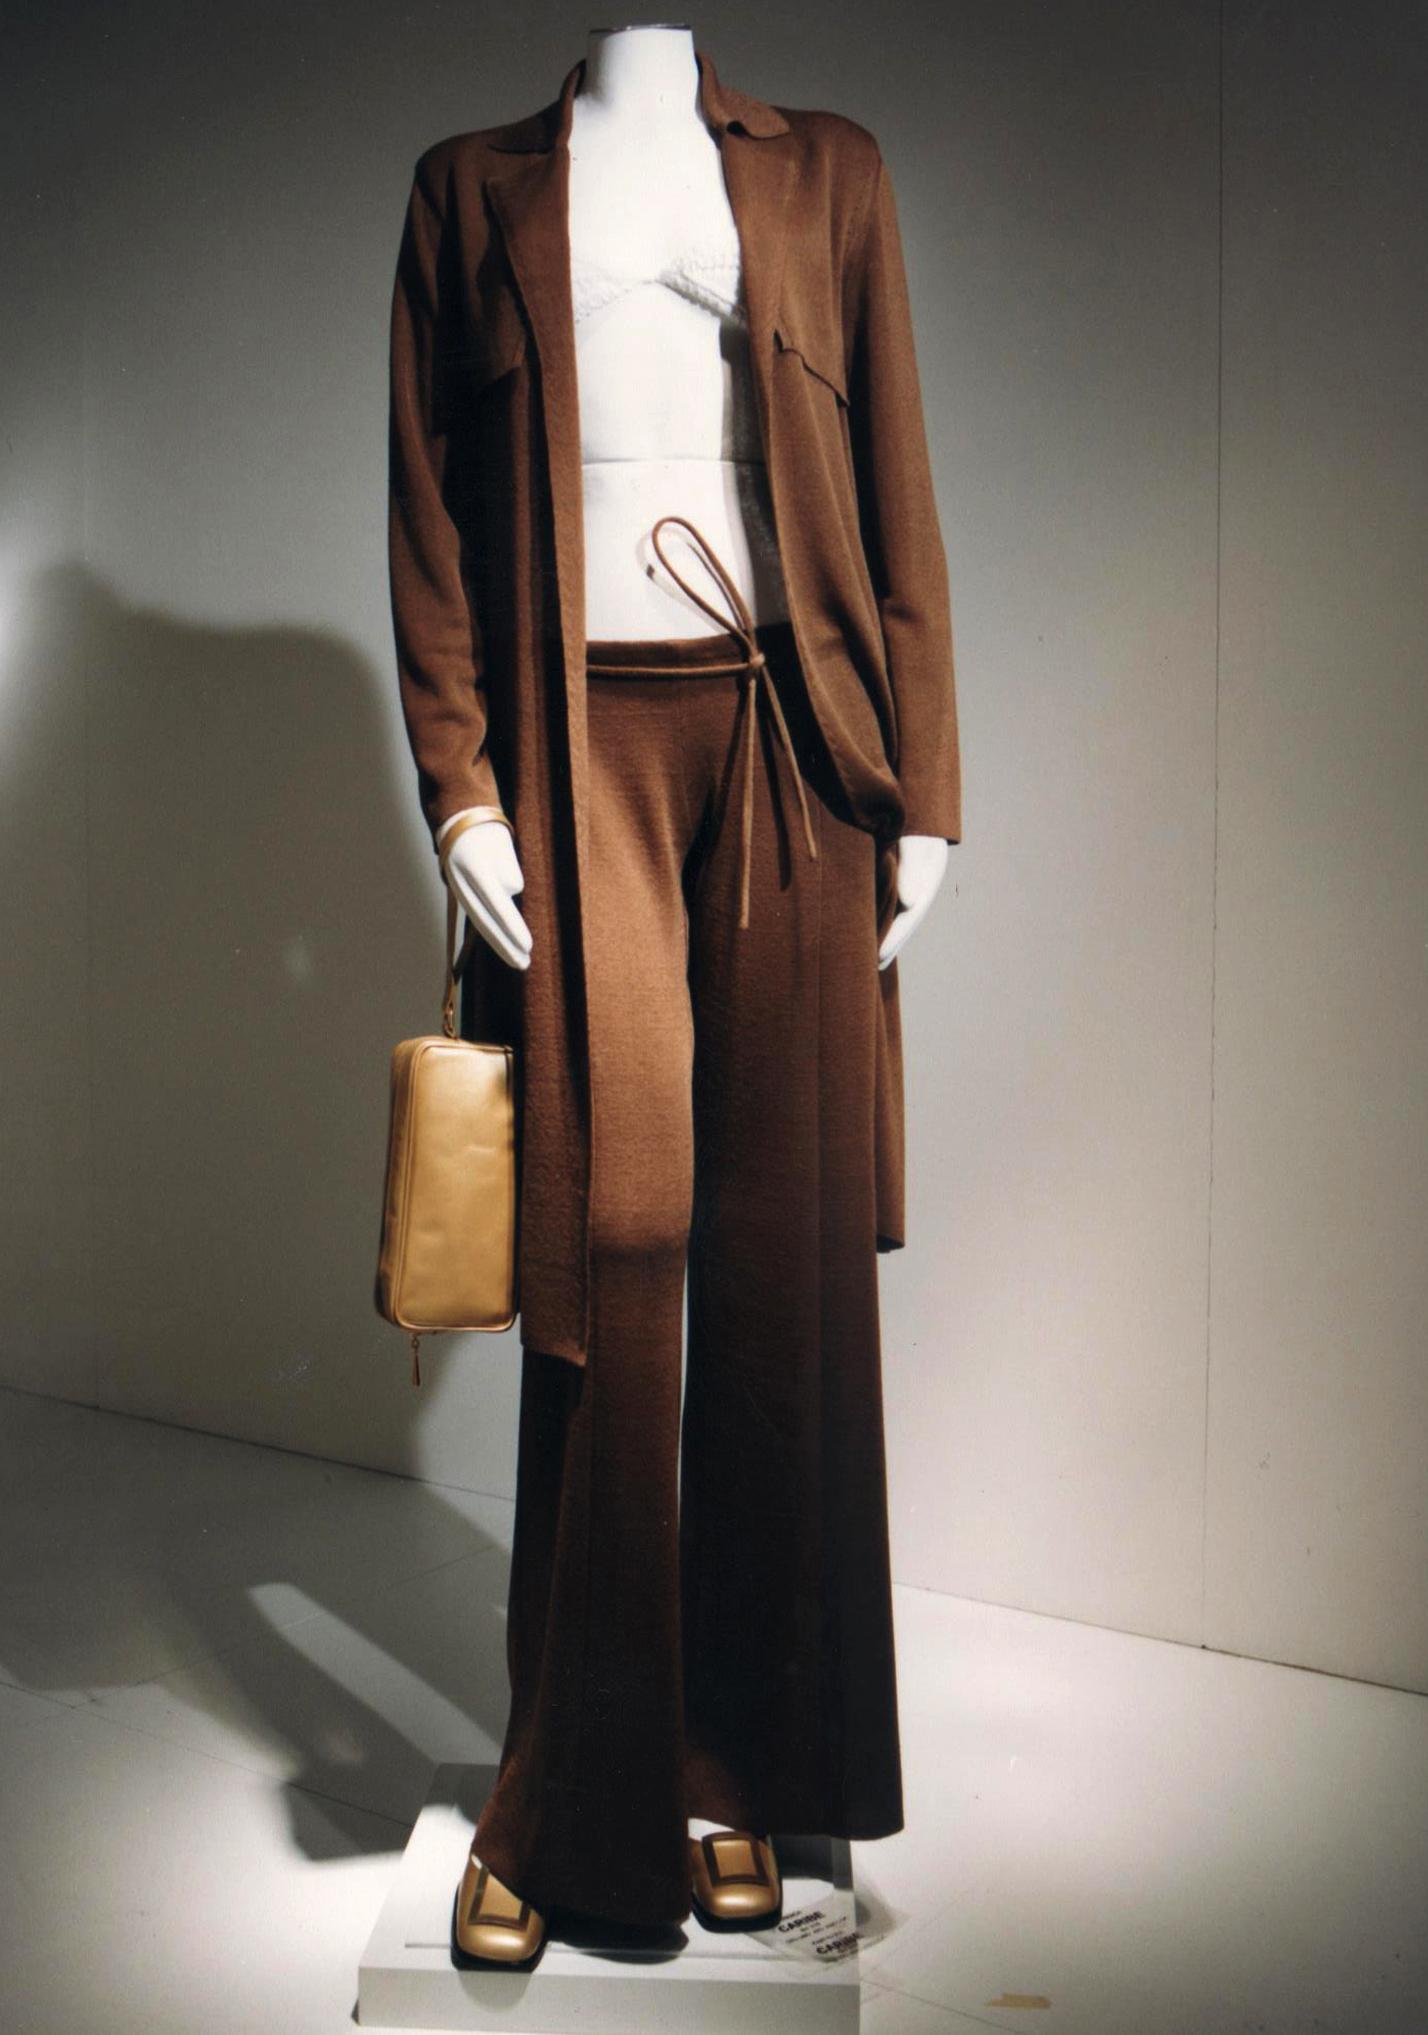 GiulianoeGiusyMarelli_ItalianSummer_2001_MadeInItaly_Knitwear_Design_4.jpg